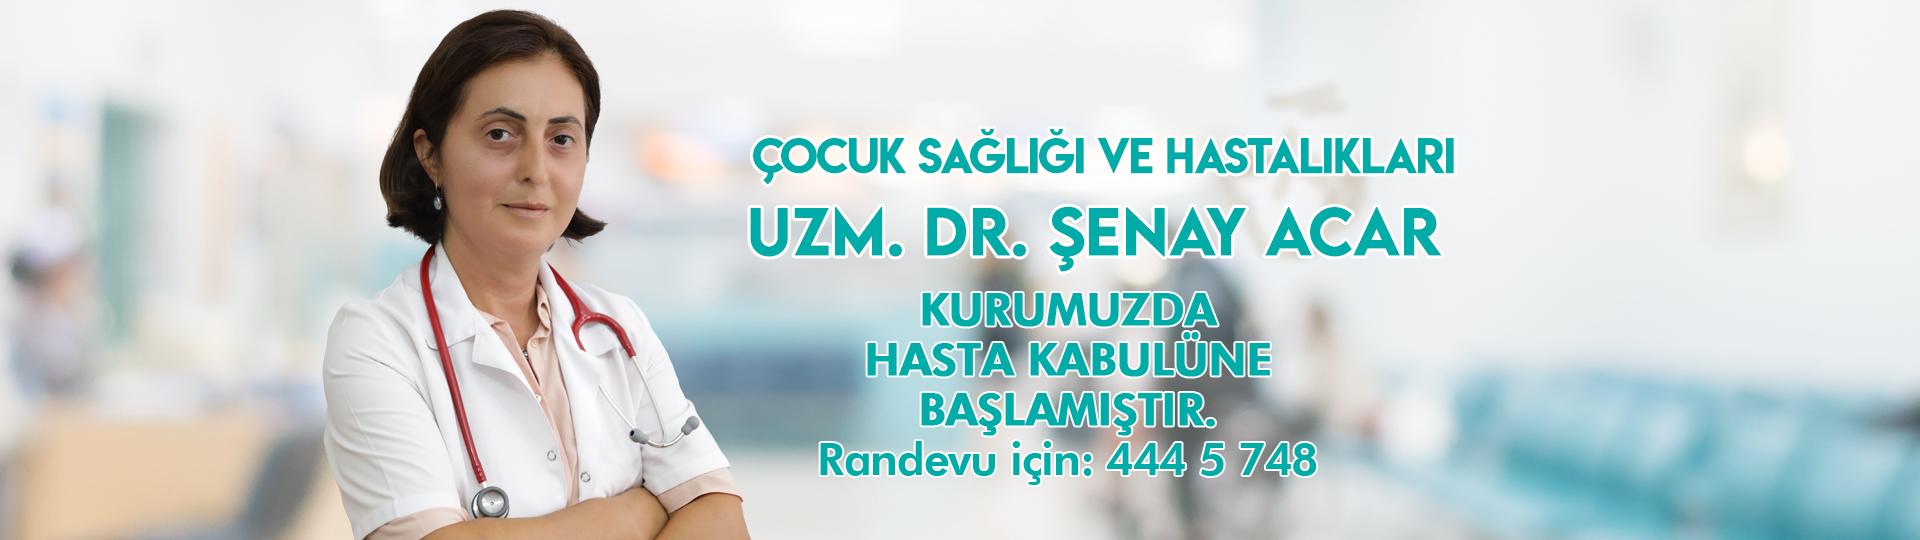 Uzm. Dr.Şenay Acar